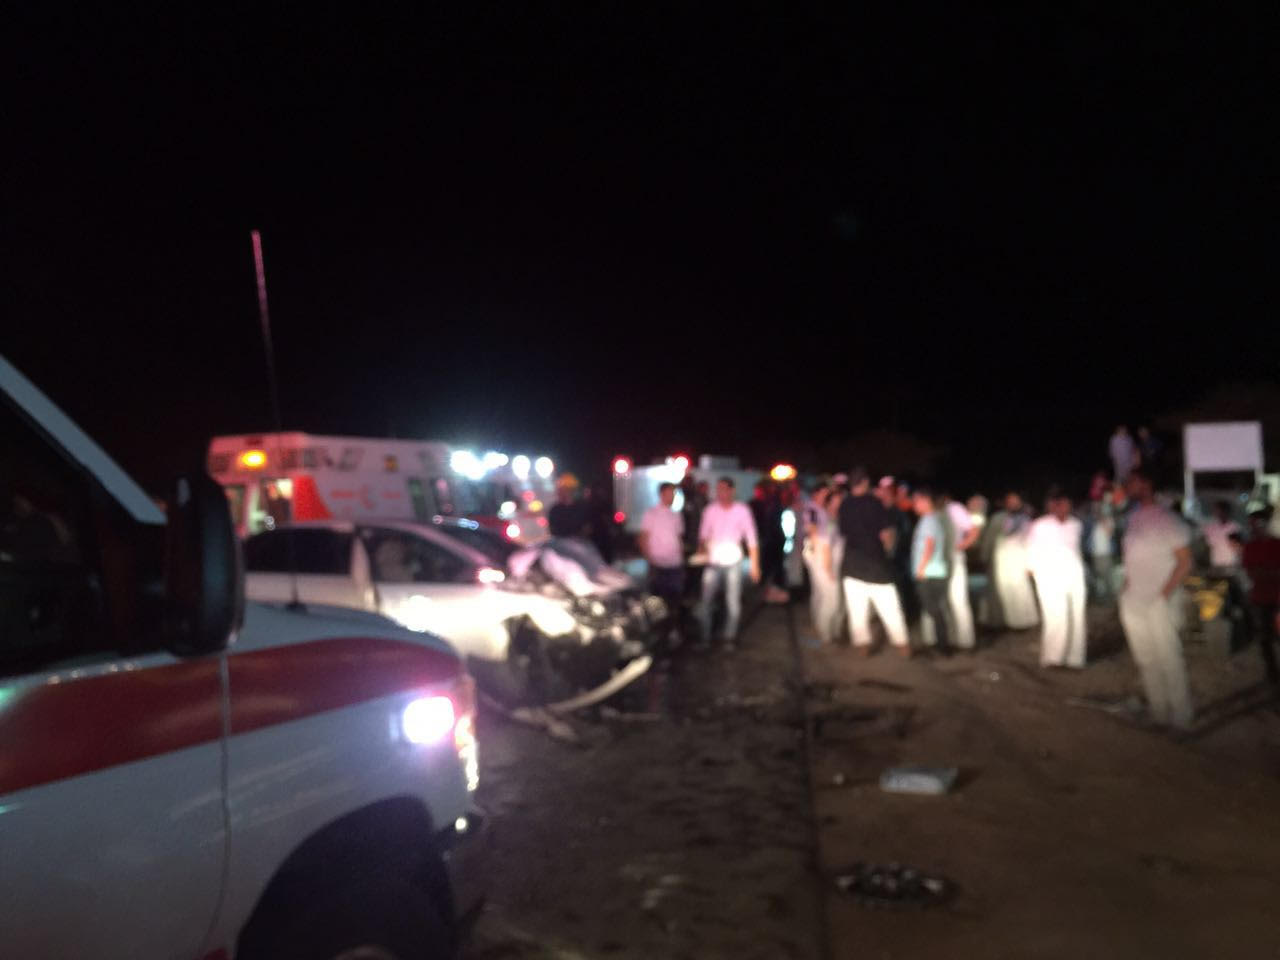 حادث تصادم بالمدينة المنورة (3)